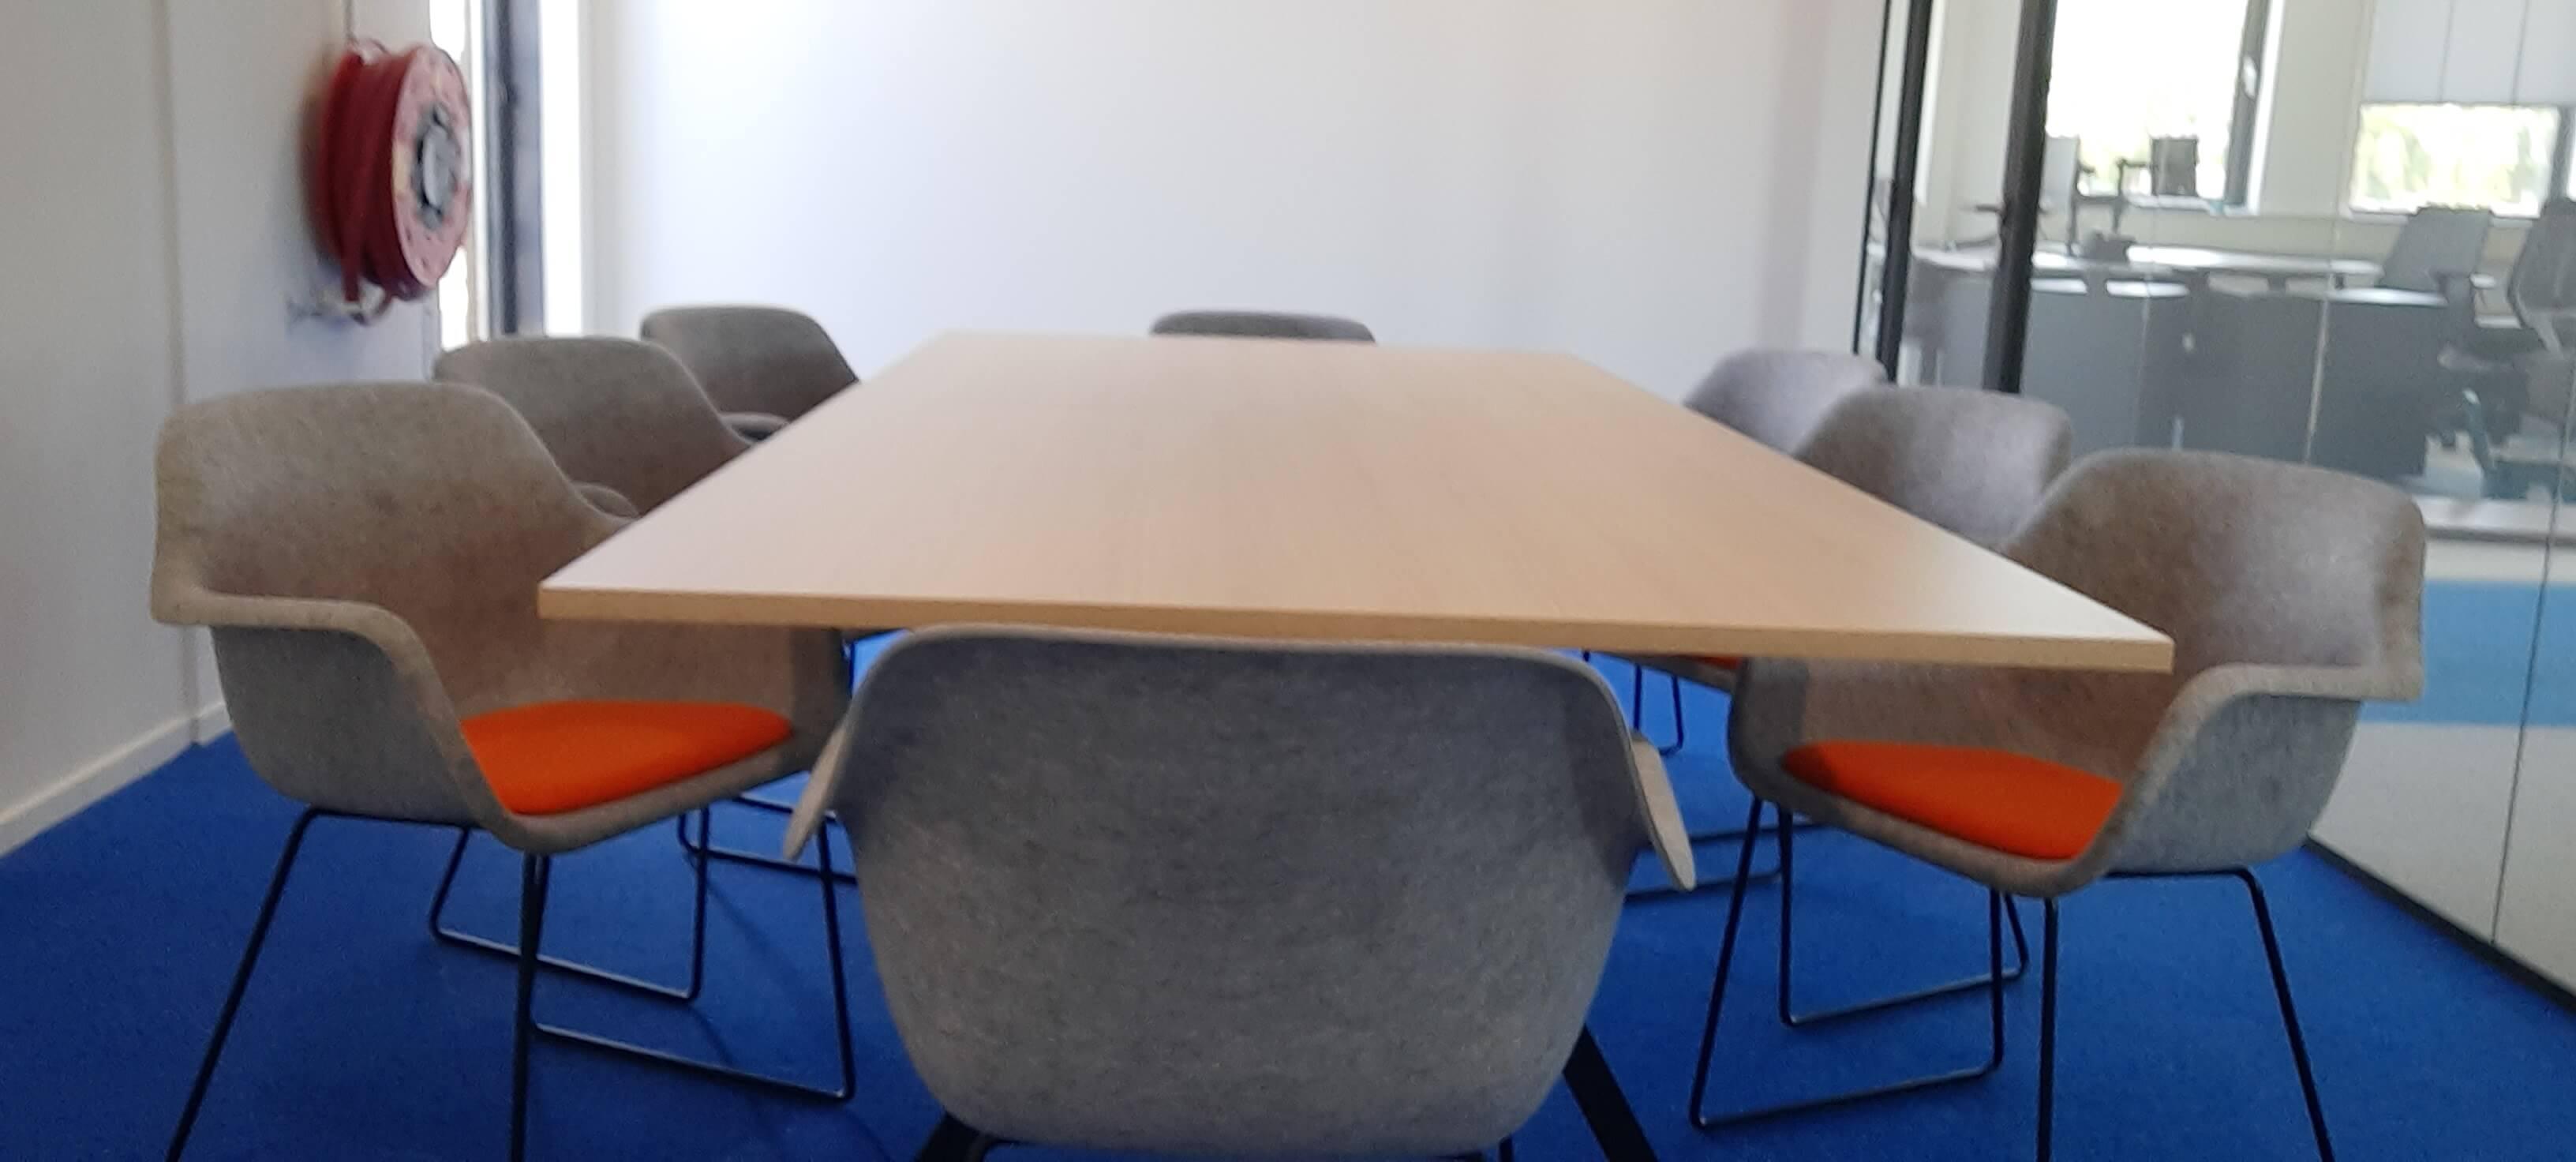 vergadertafel met stoelen in vergaderkamer